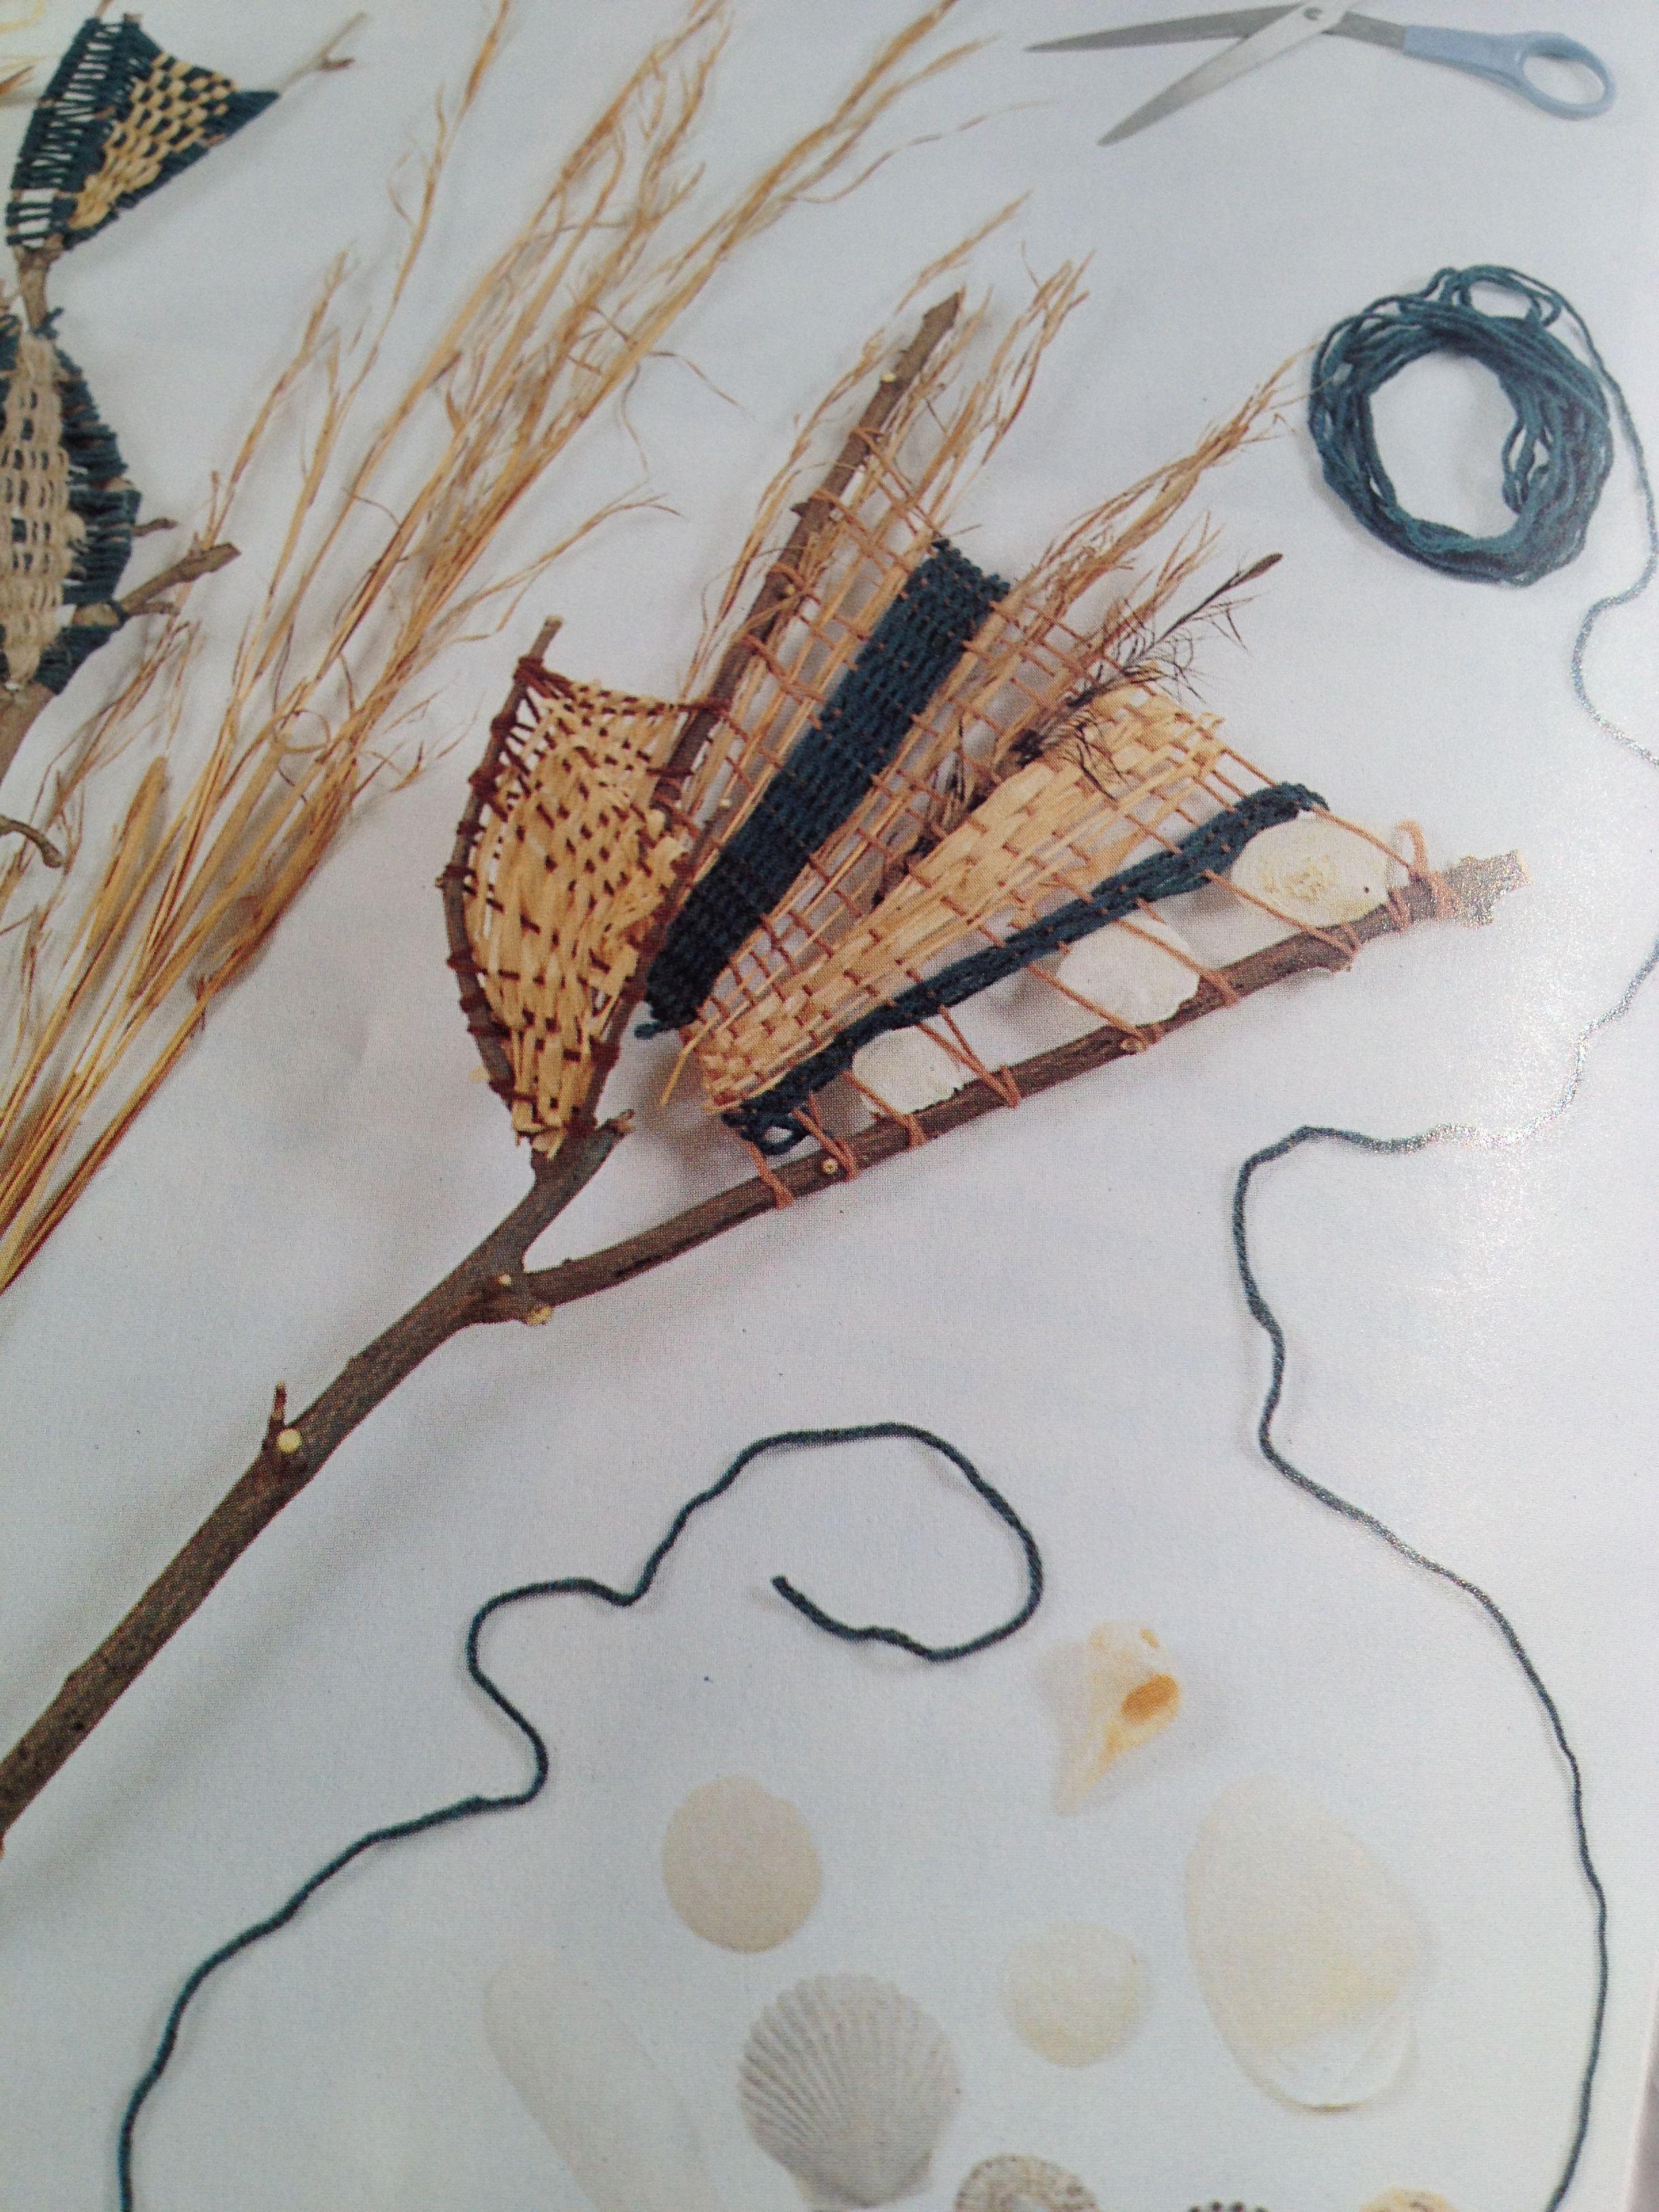 Twig Weaving Re Pinned By Elizabeth Vanbuskirk Author Of